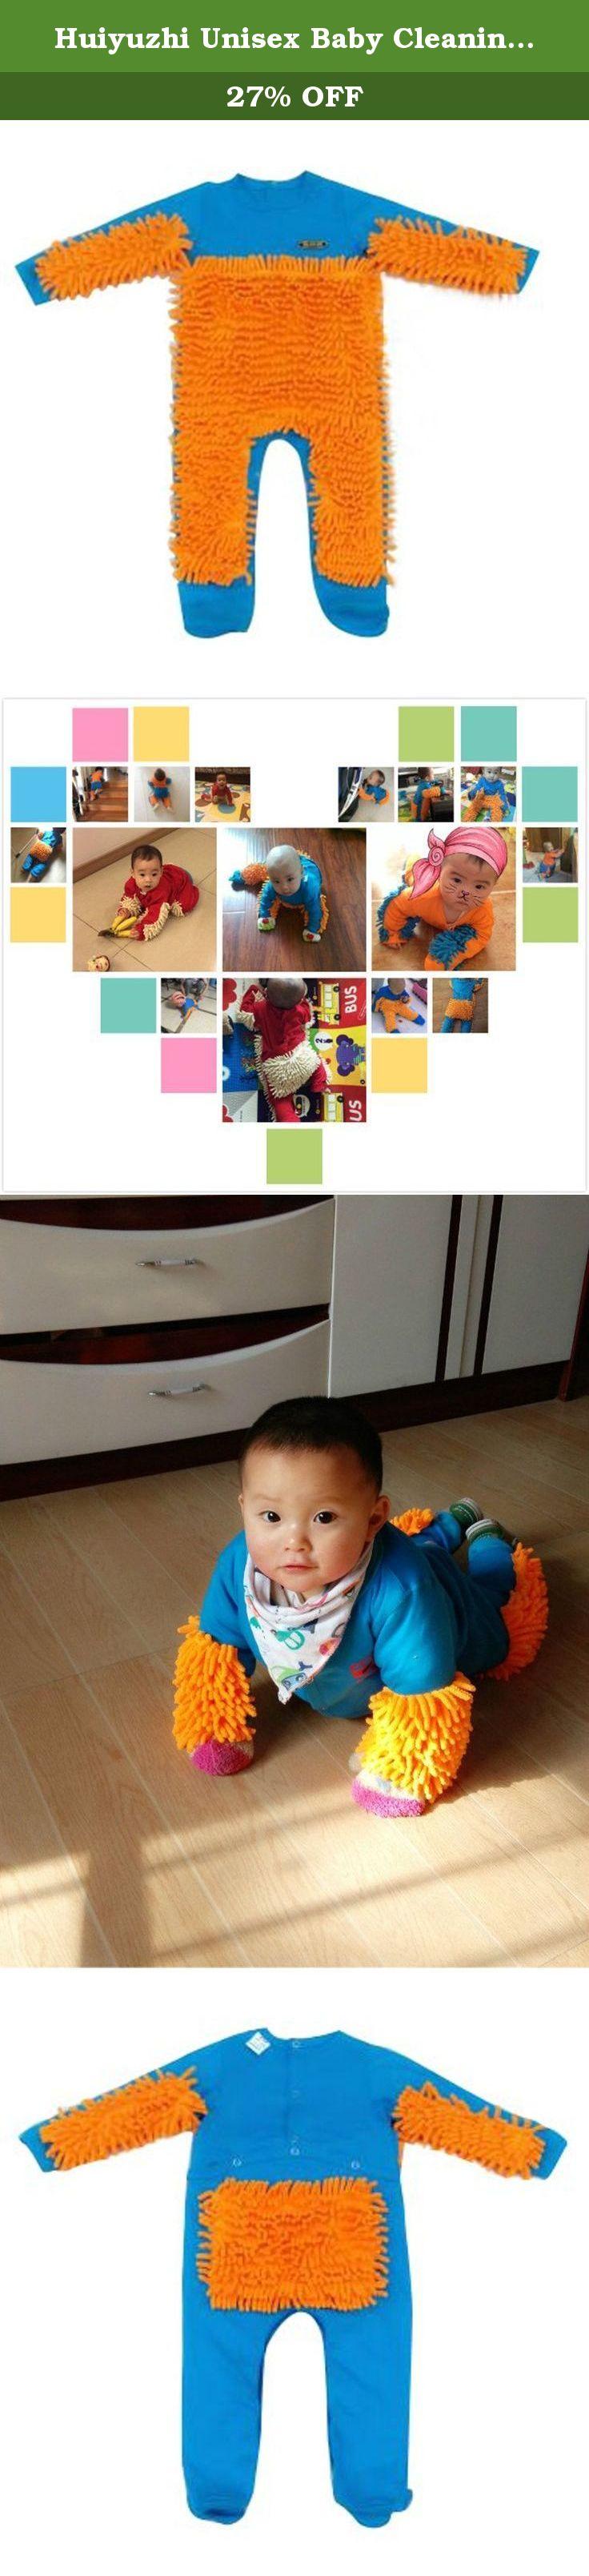 59b3d91c32d8 Huiyuzhi Unisex Baby Cleaning Mop Rompers Jumpsuit Crawling Clothe ...